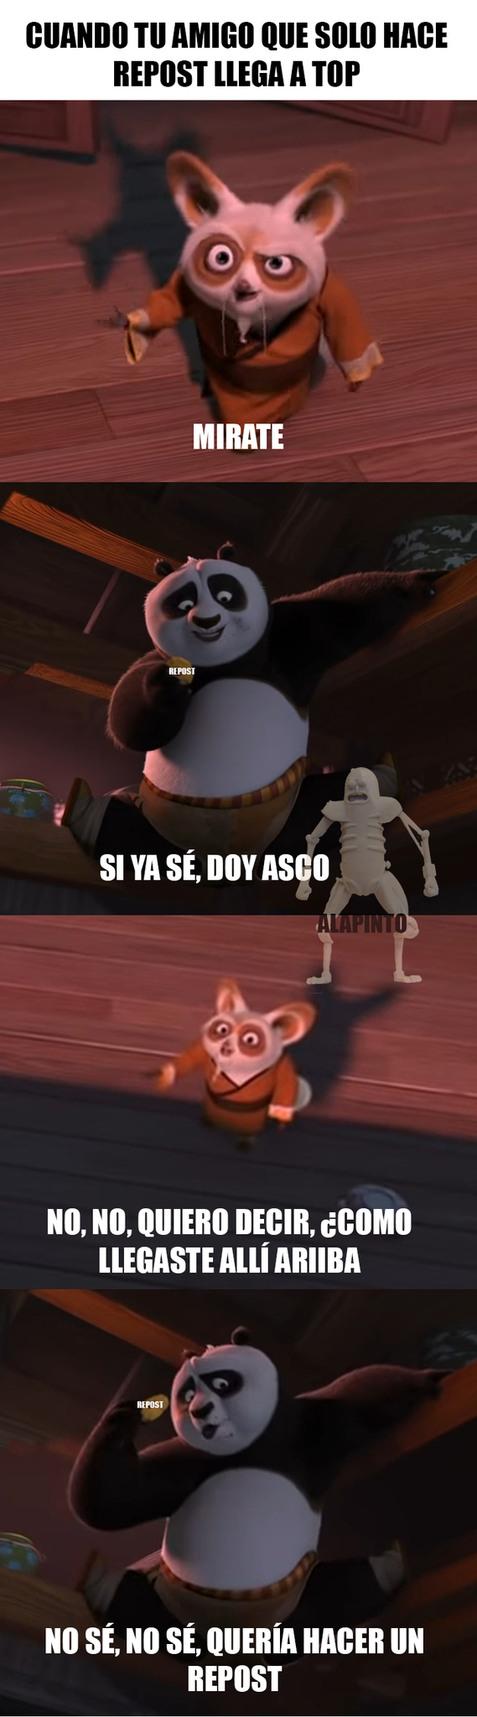 PO LADRÓN DE MEMES